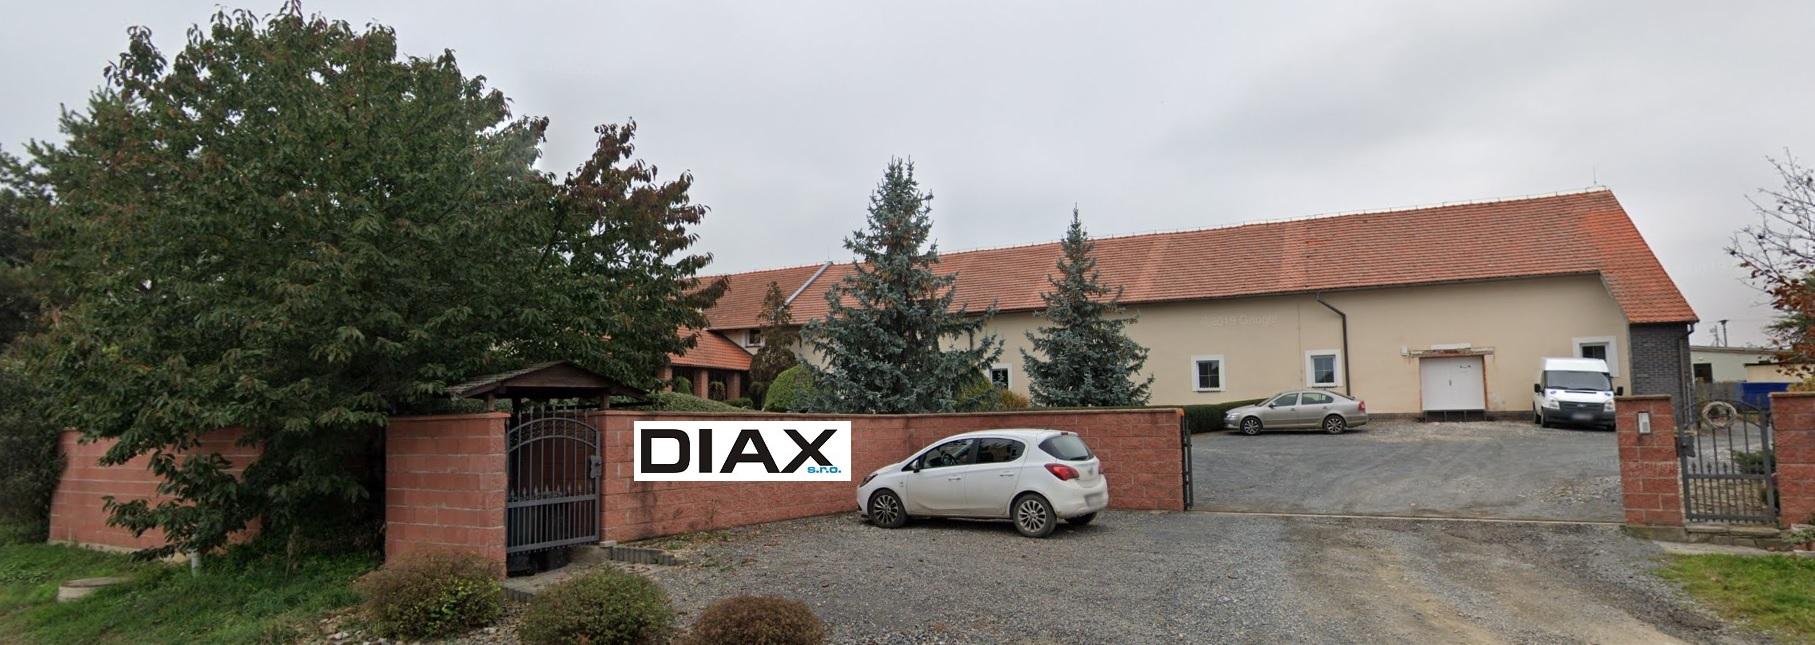 DIAX_Okrouhlo_Praha-západ